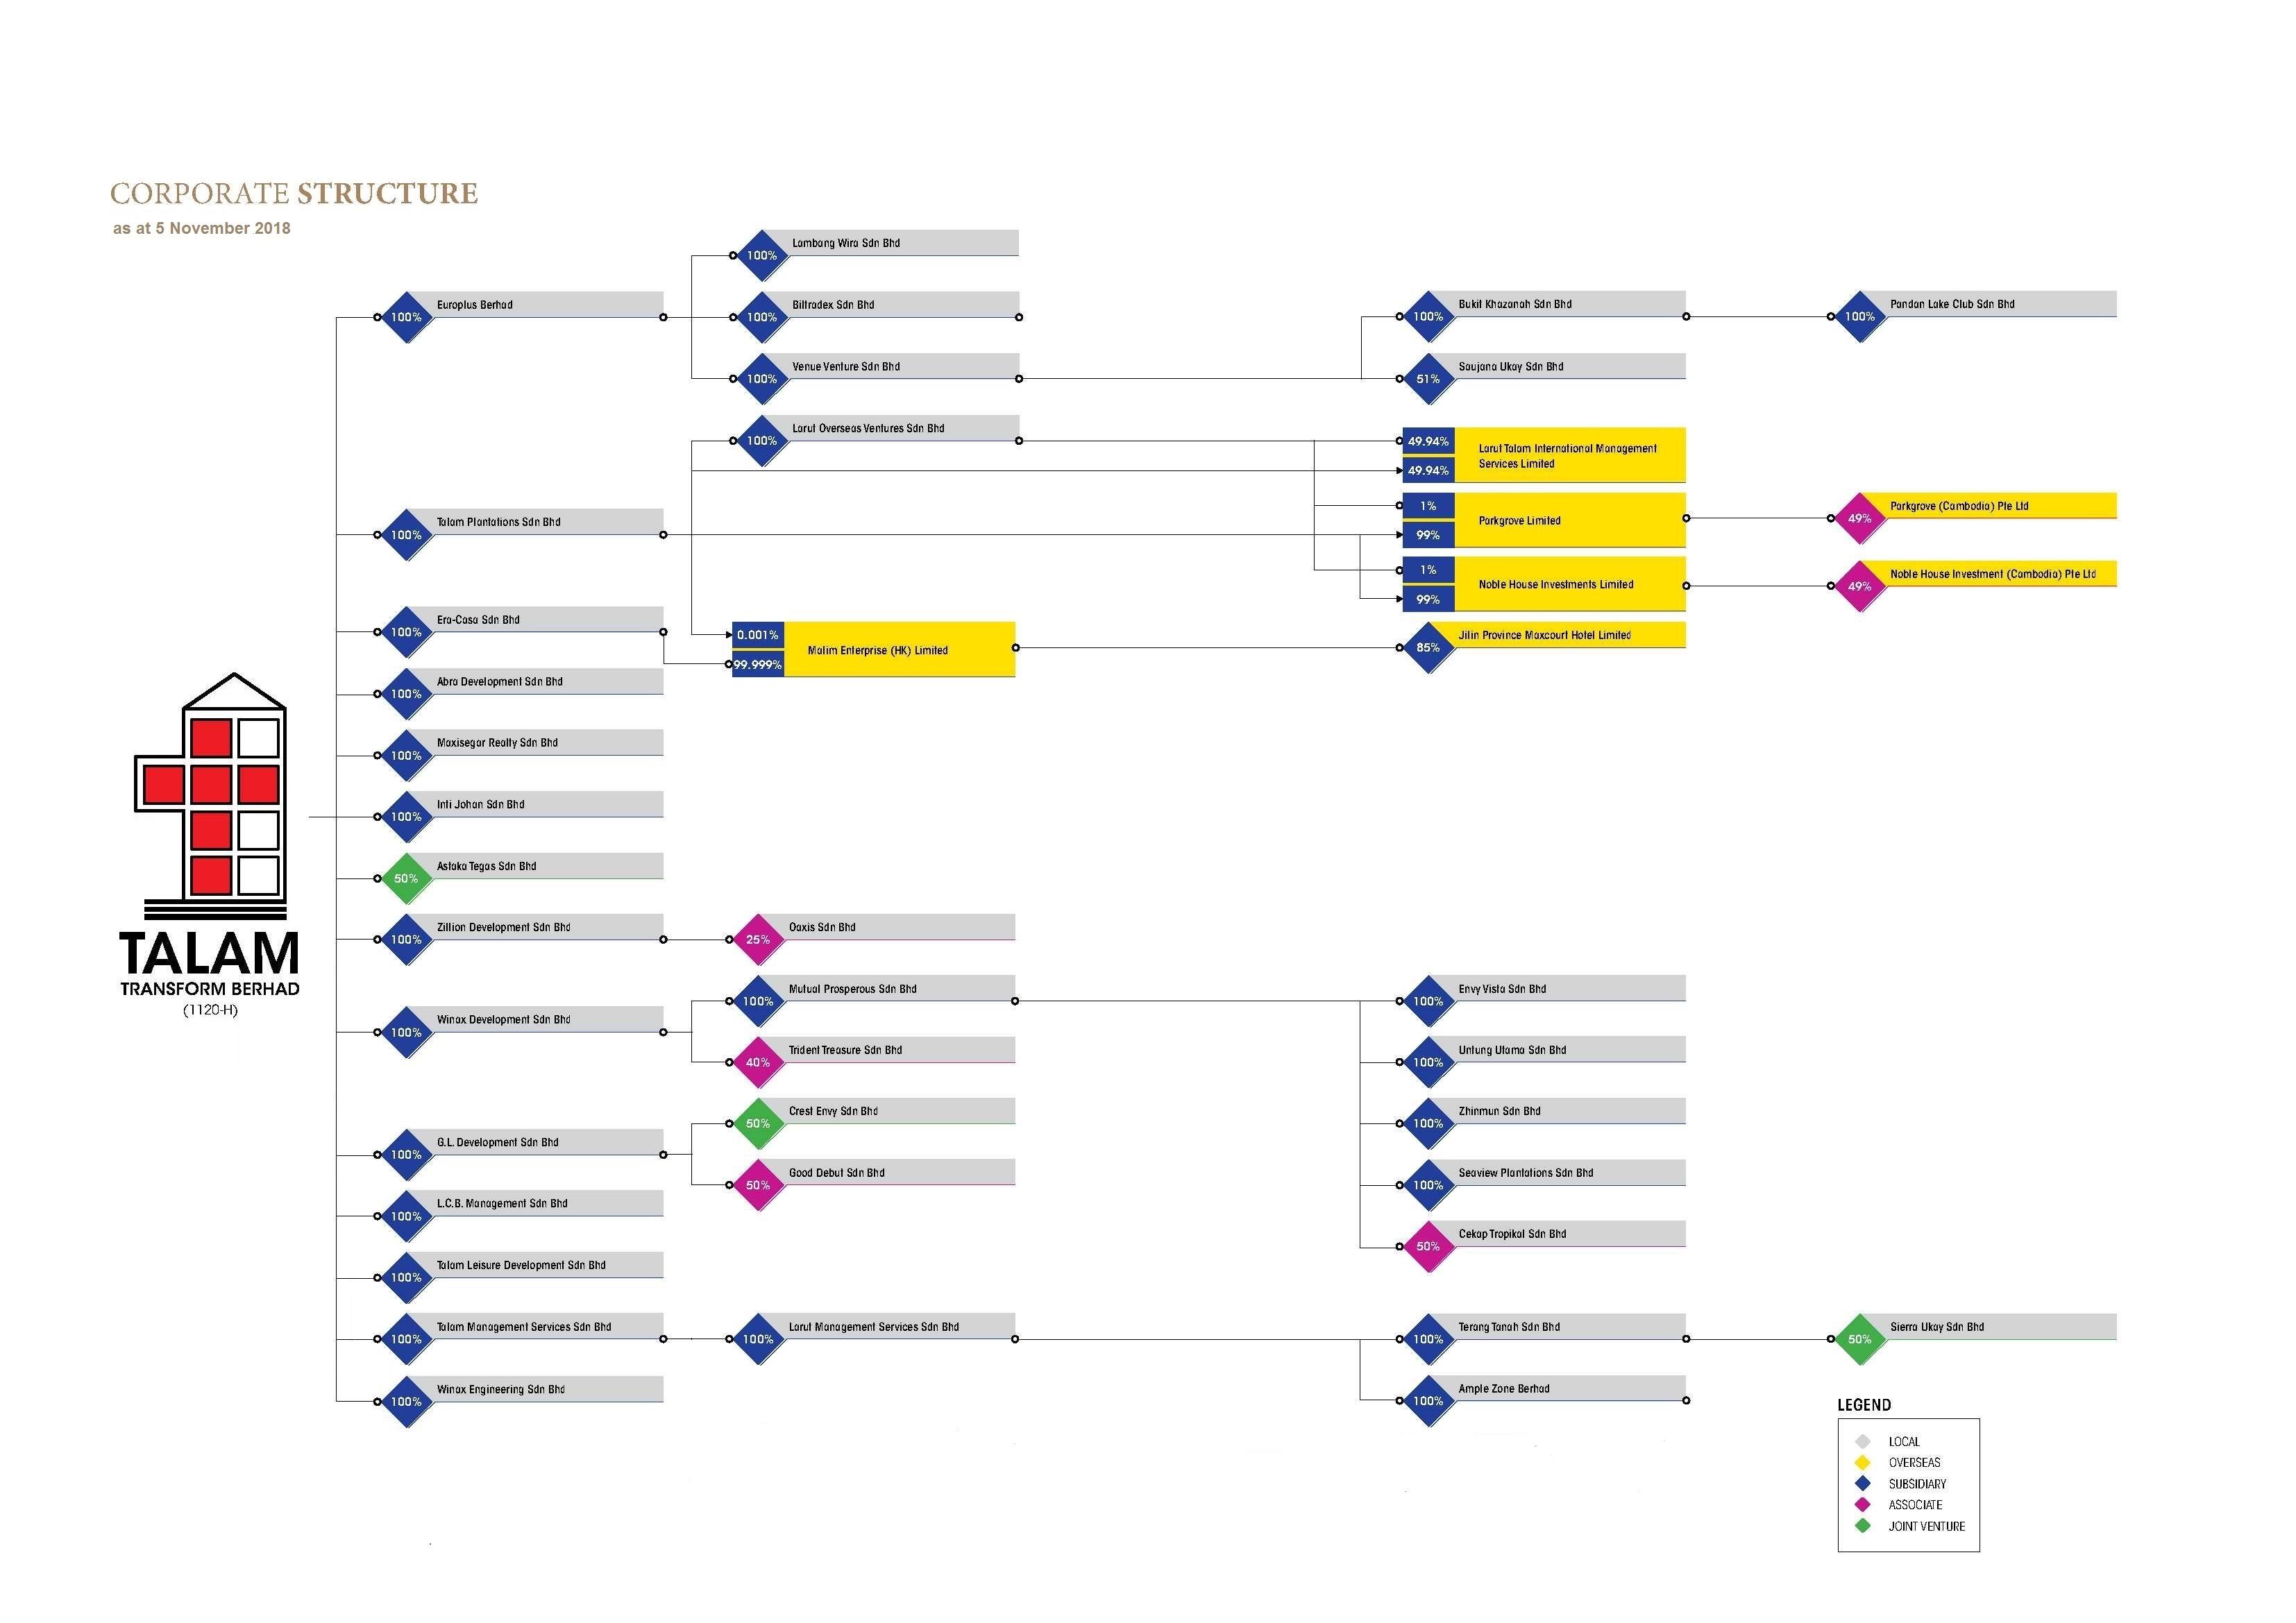 TTB Corporate Structure (5-11-2018)